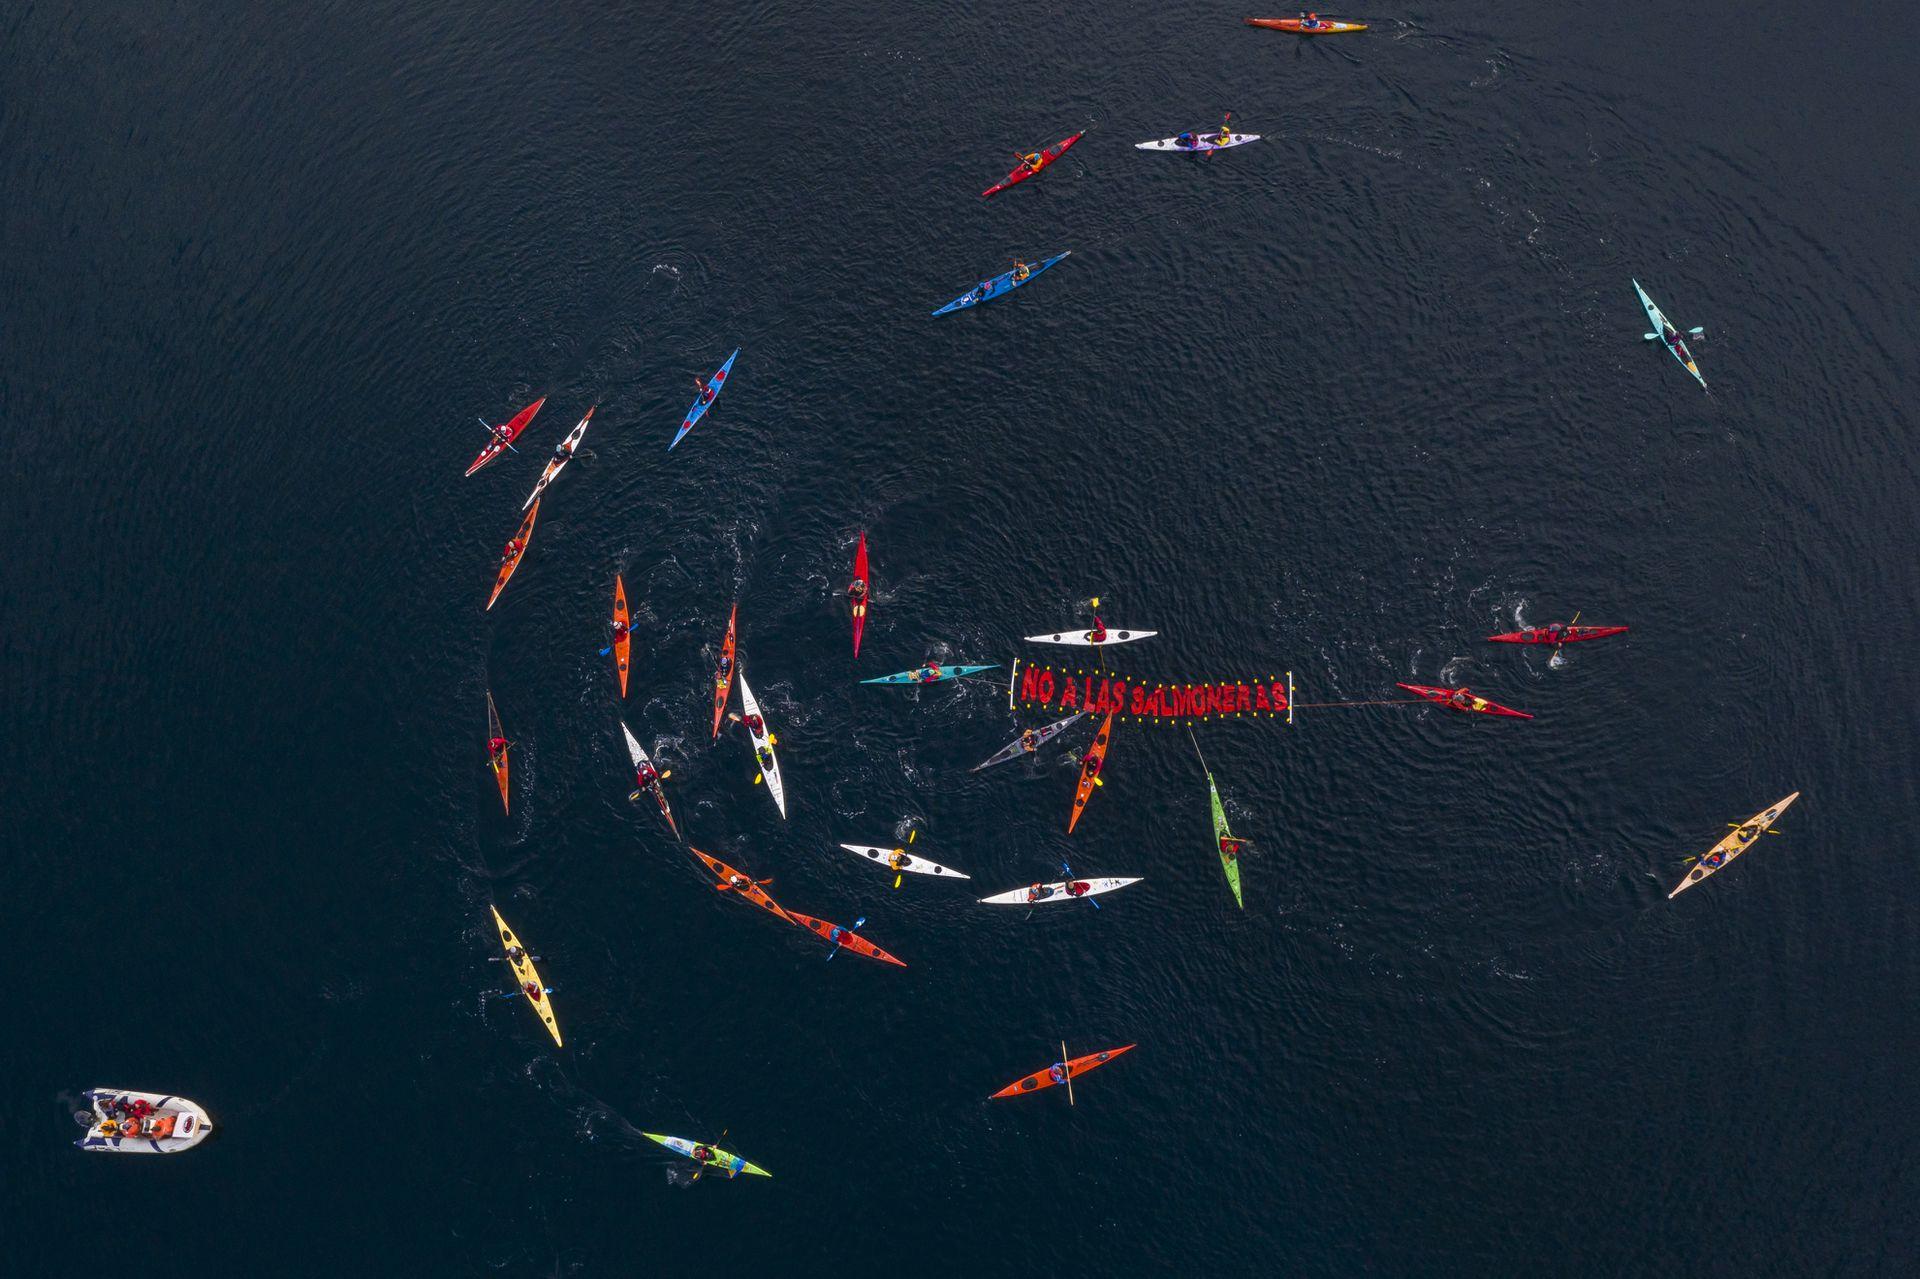 Las instalación de salmoneras en el Canal de Beagle representa una amenaza ambiental para dicho ecosistema marino. Foto: Gentileza Sin Azul No Hay Verde